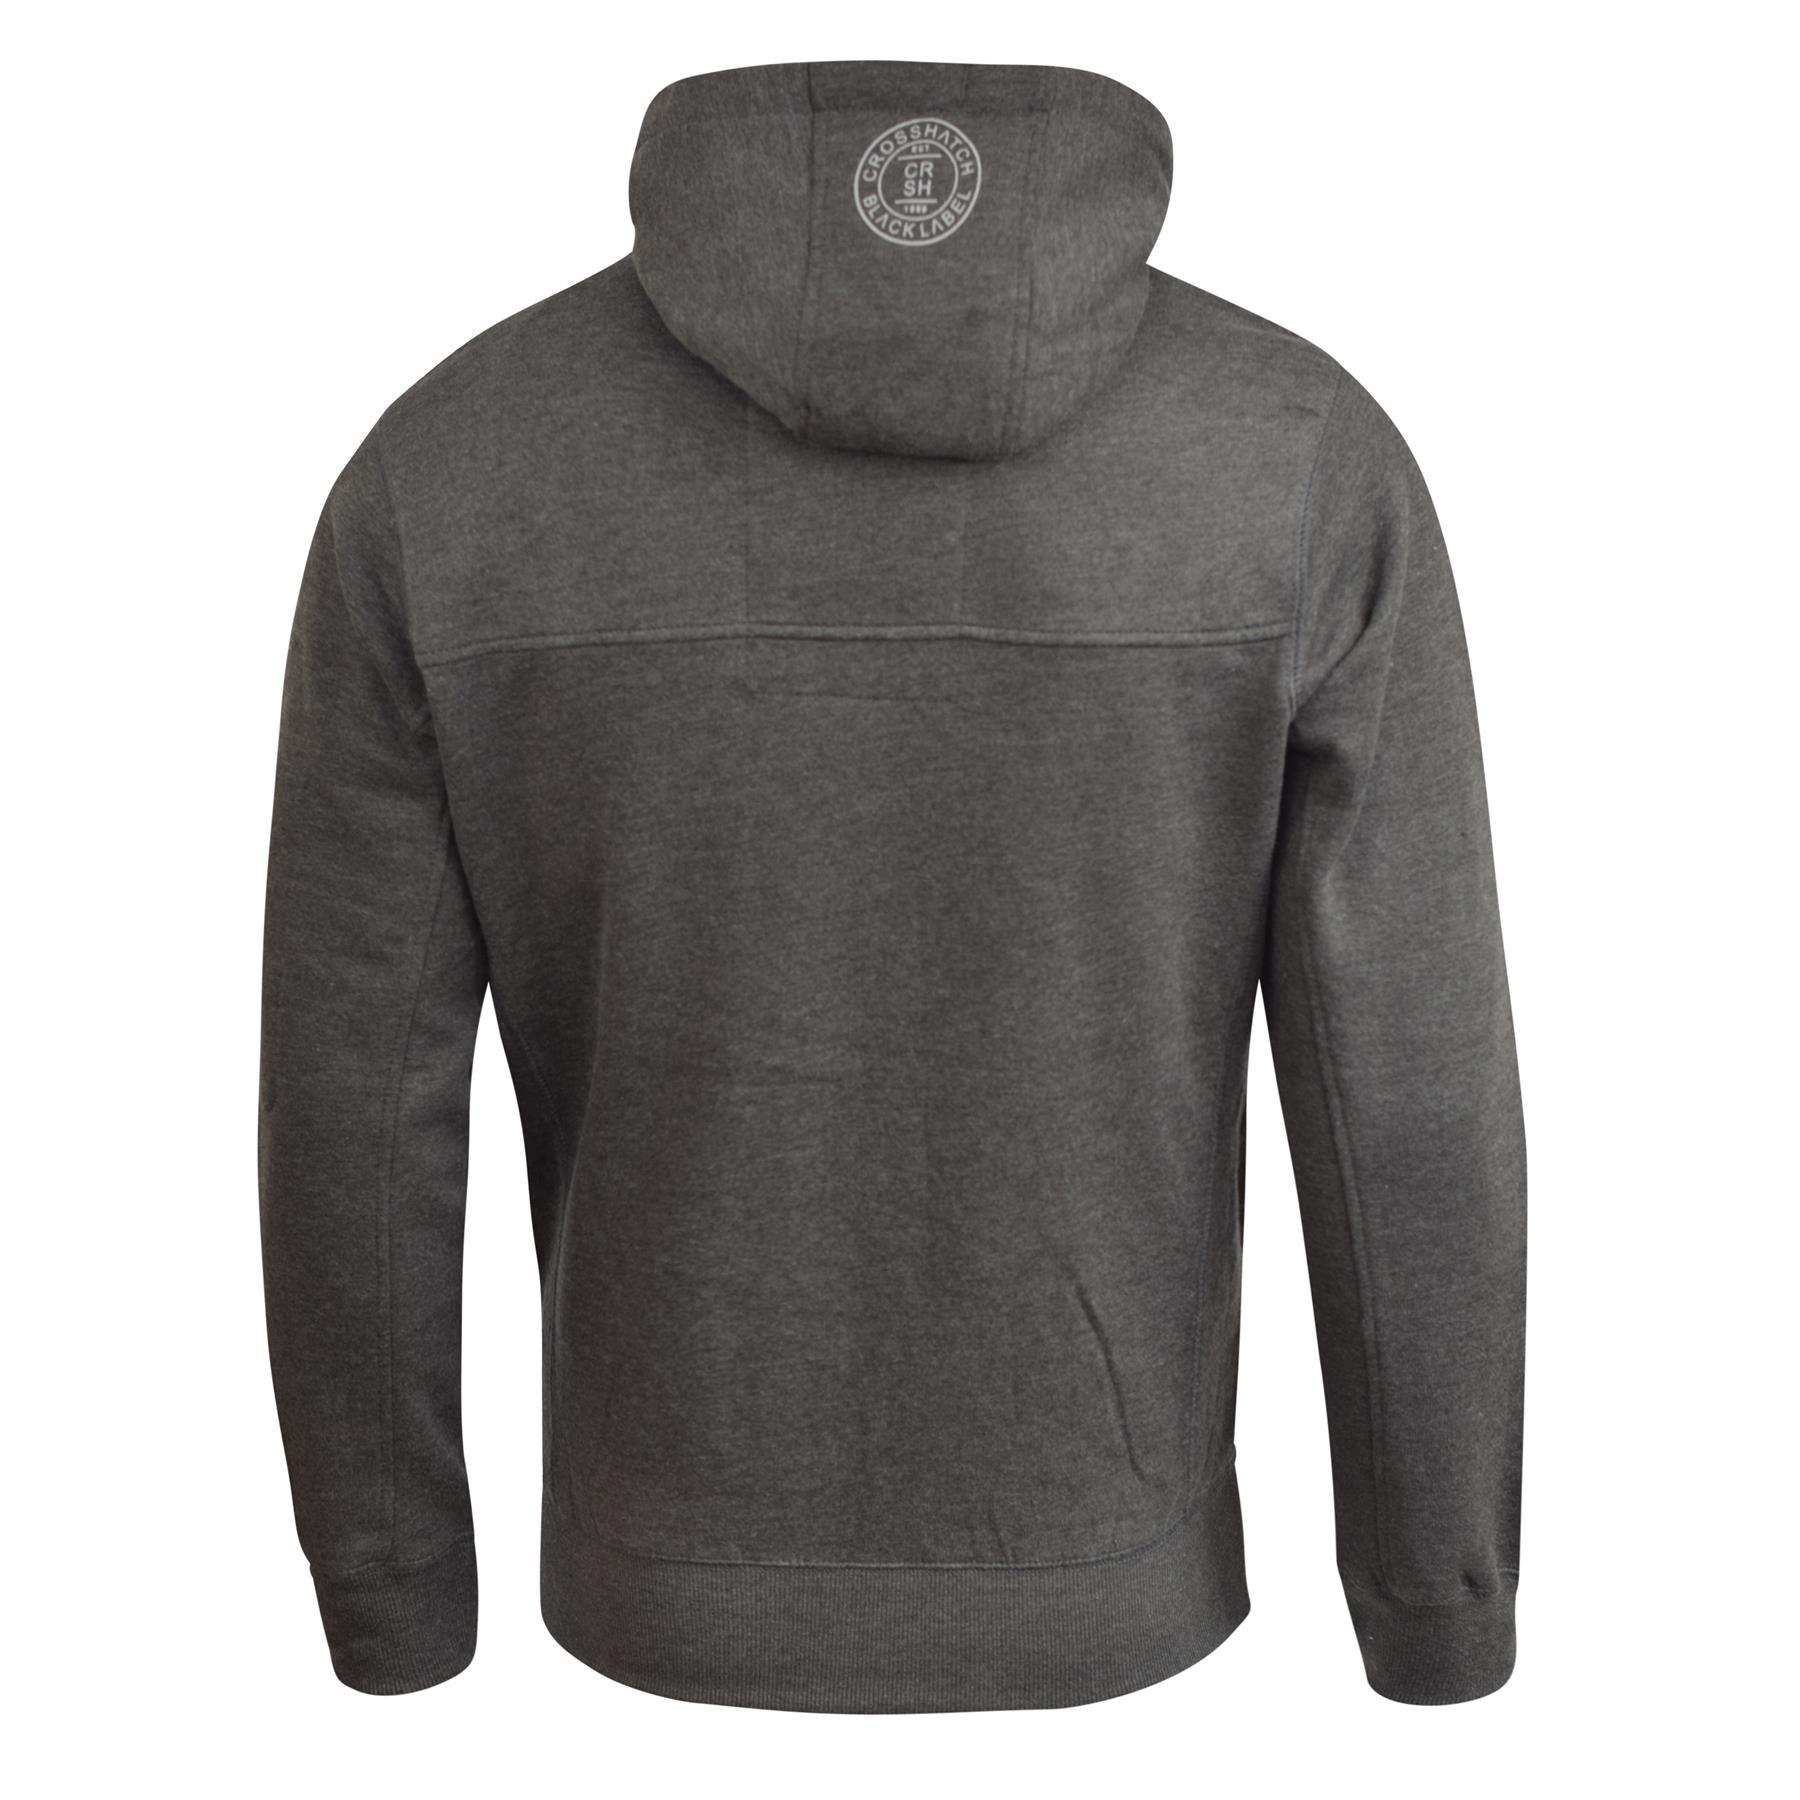 Mens-Hoodie-Crosshatch-Cravy-Sweatshirt-Hooded-Top thumbnail 4